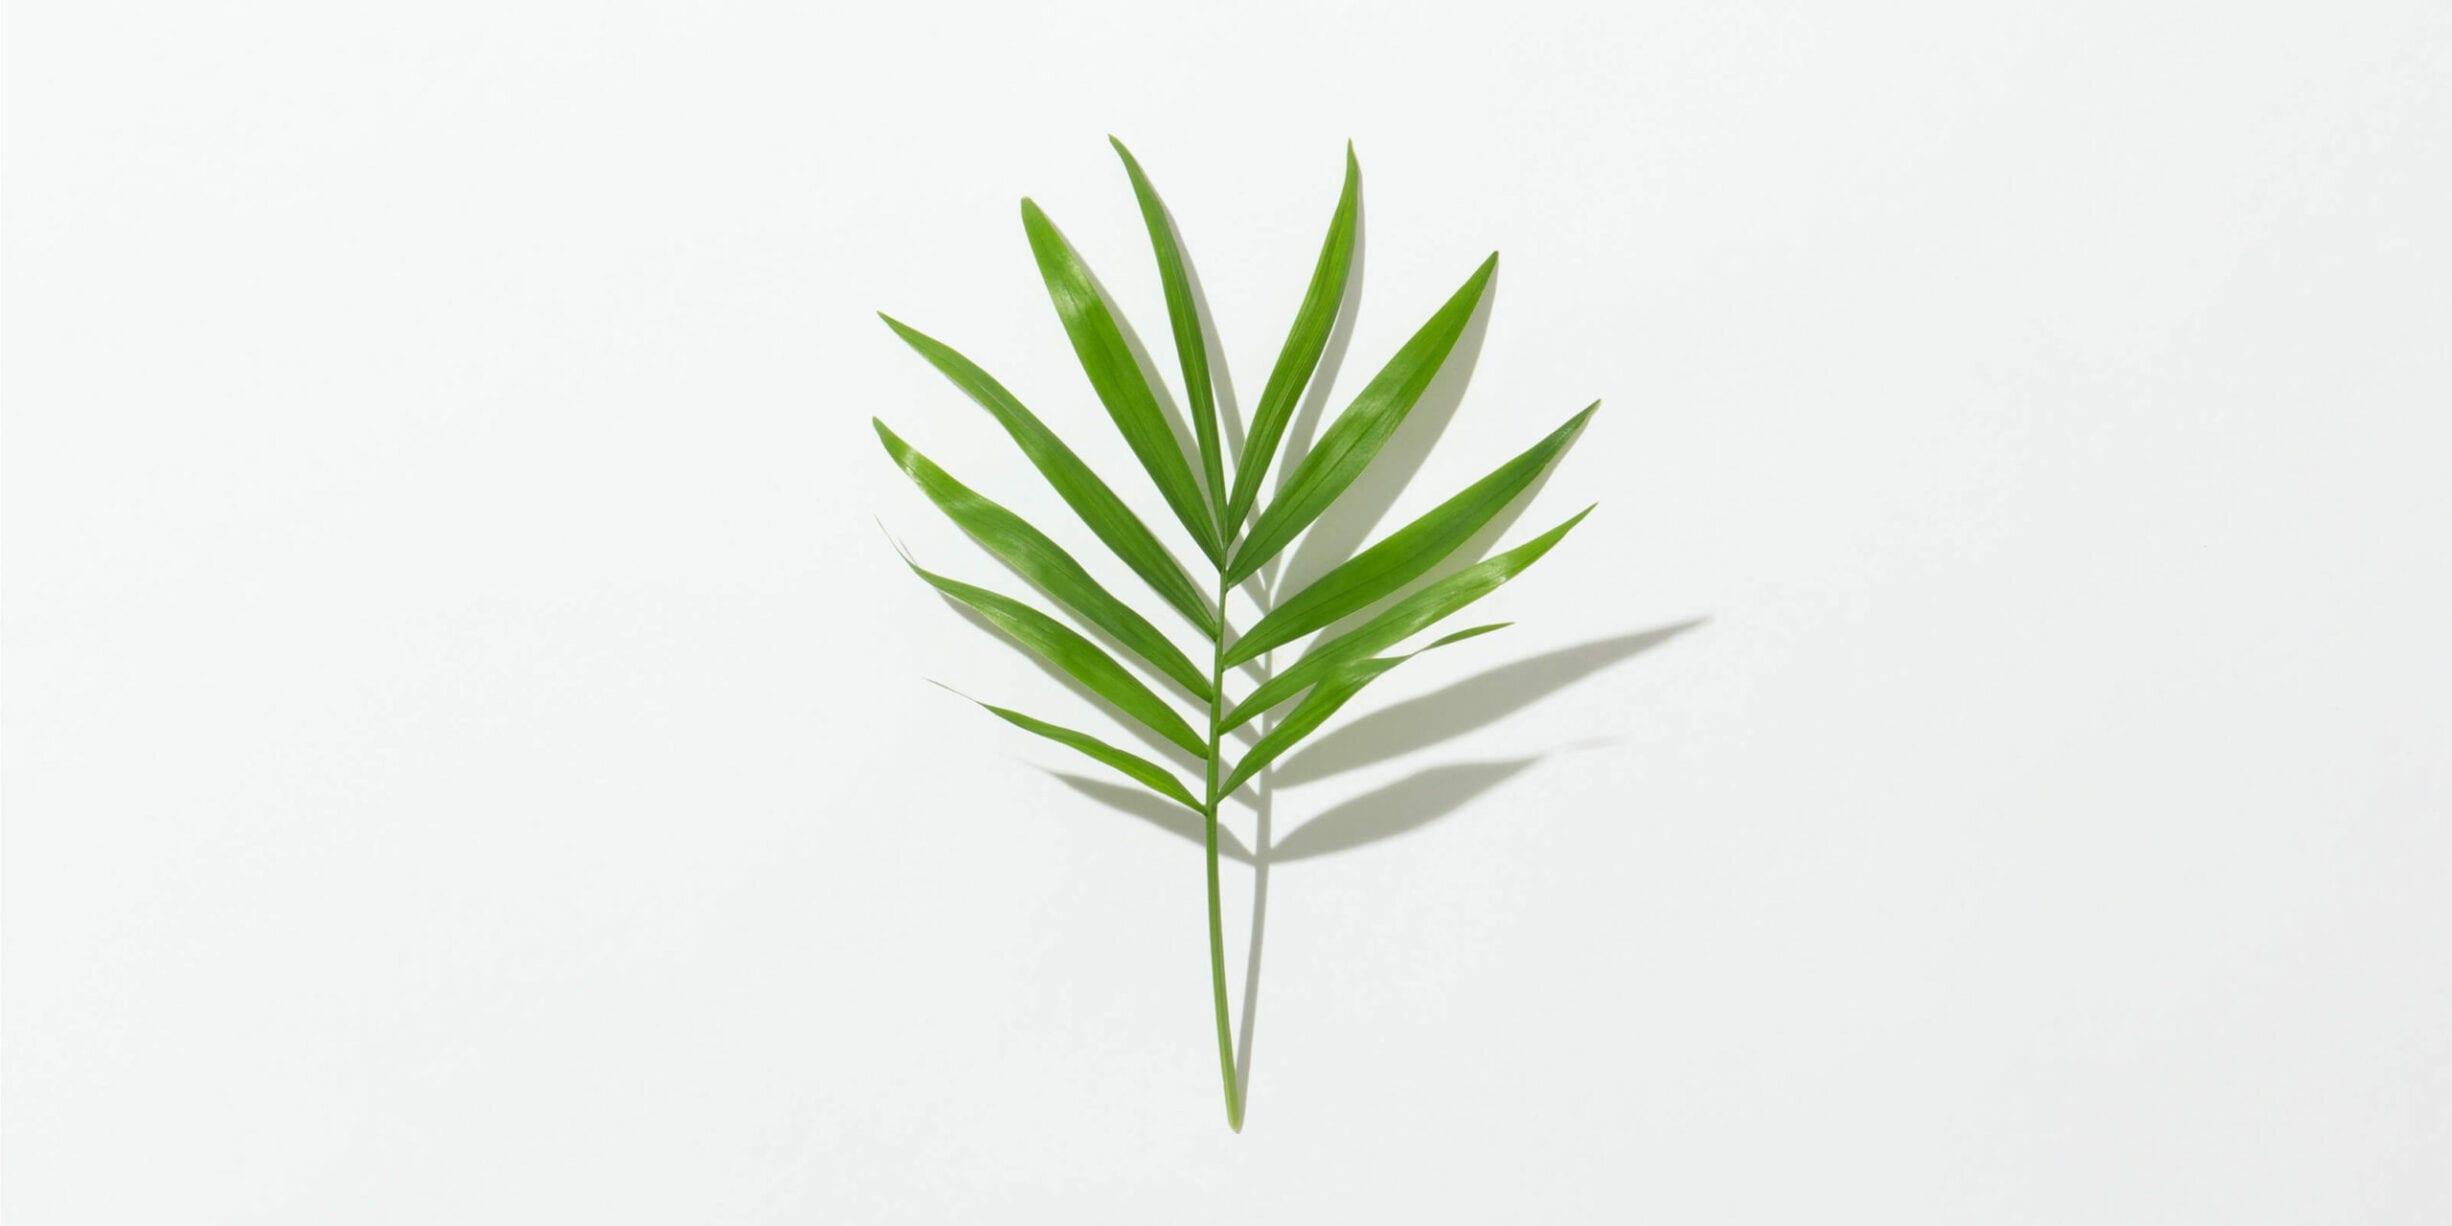 tea tree leaf